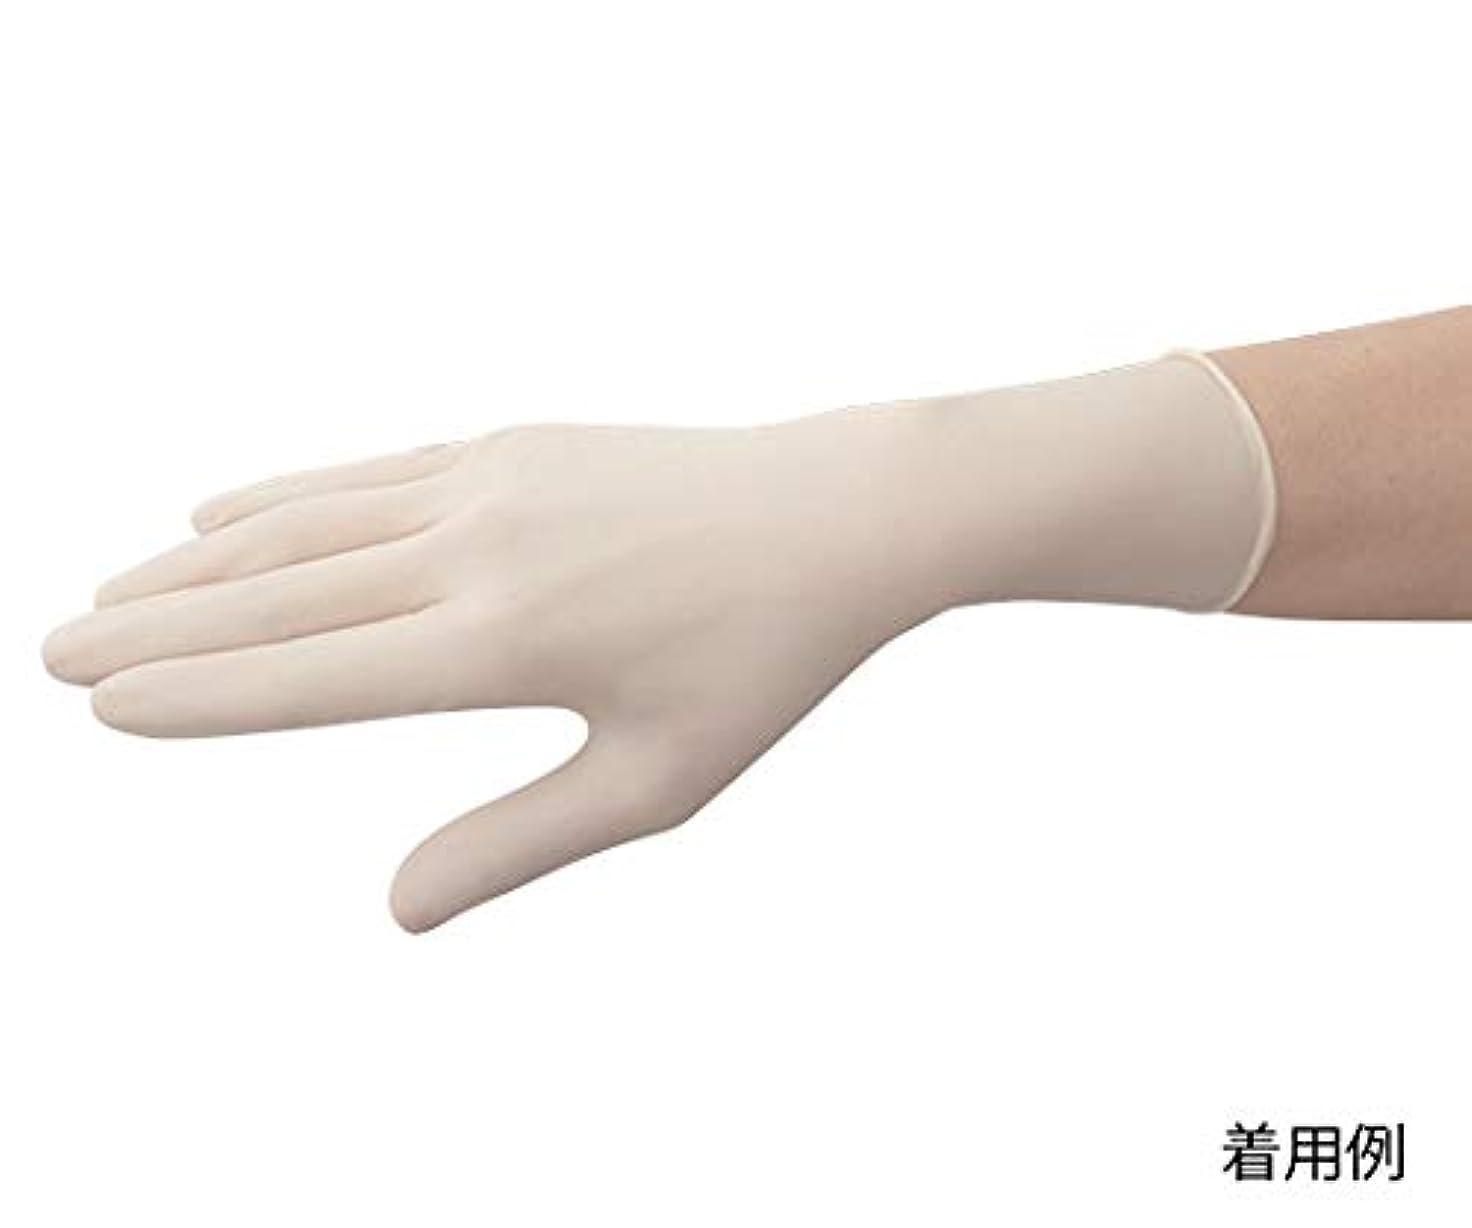 憂慮すべき療法コイン東レ?メディカル 手術用手袋メディグリップ パウダーフリー50双 8155MG